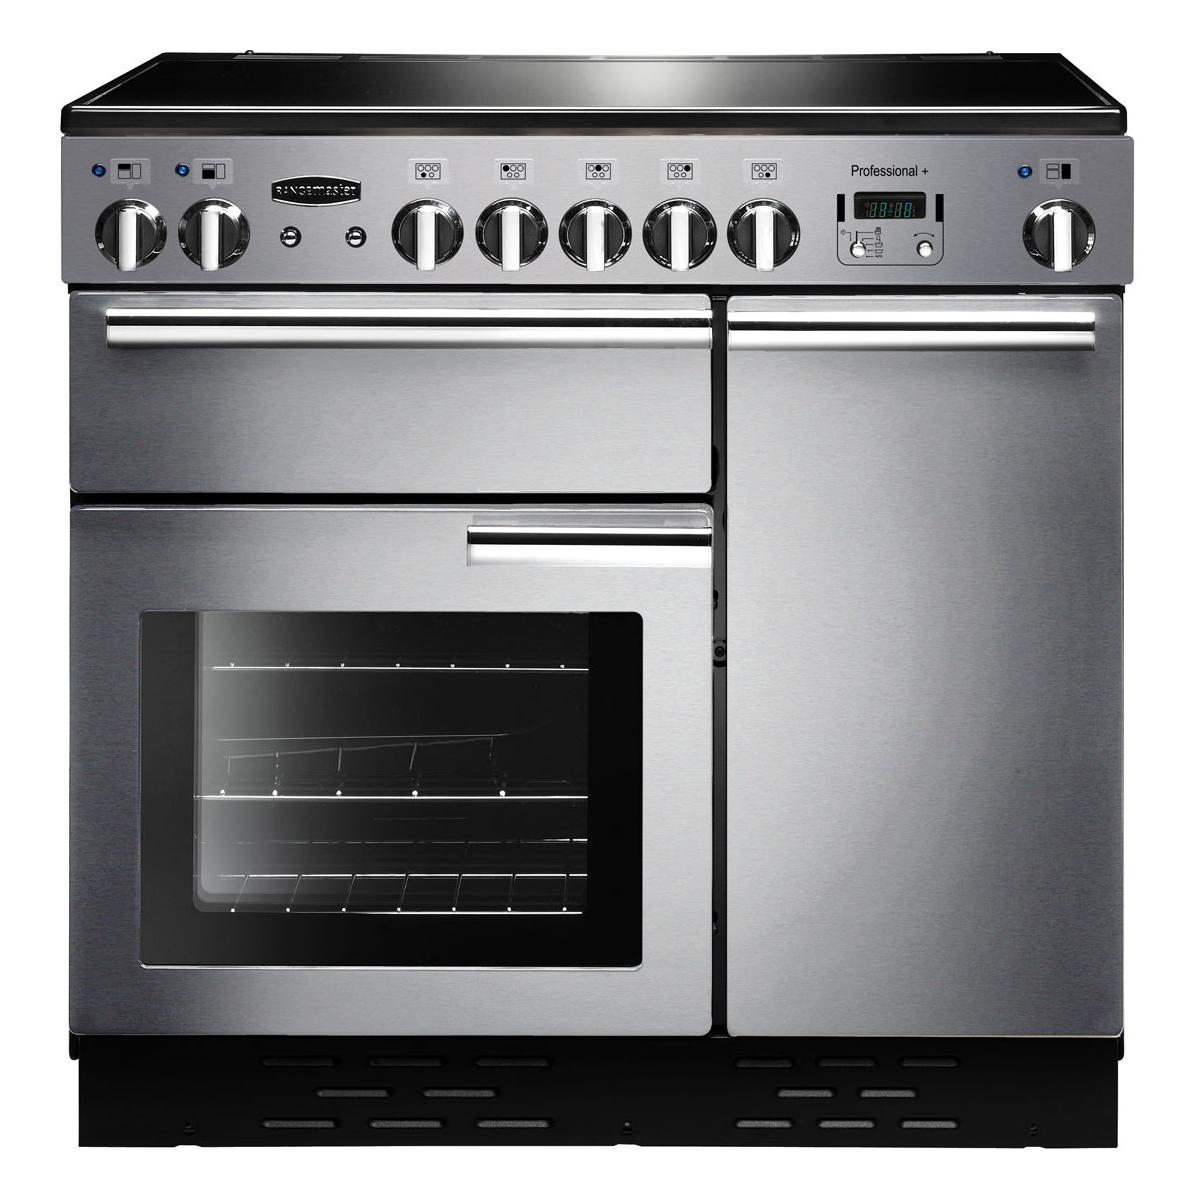 RANGEmaster PROP90ECSSC 90cm range style electric oven in